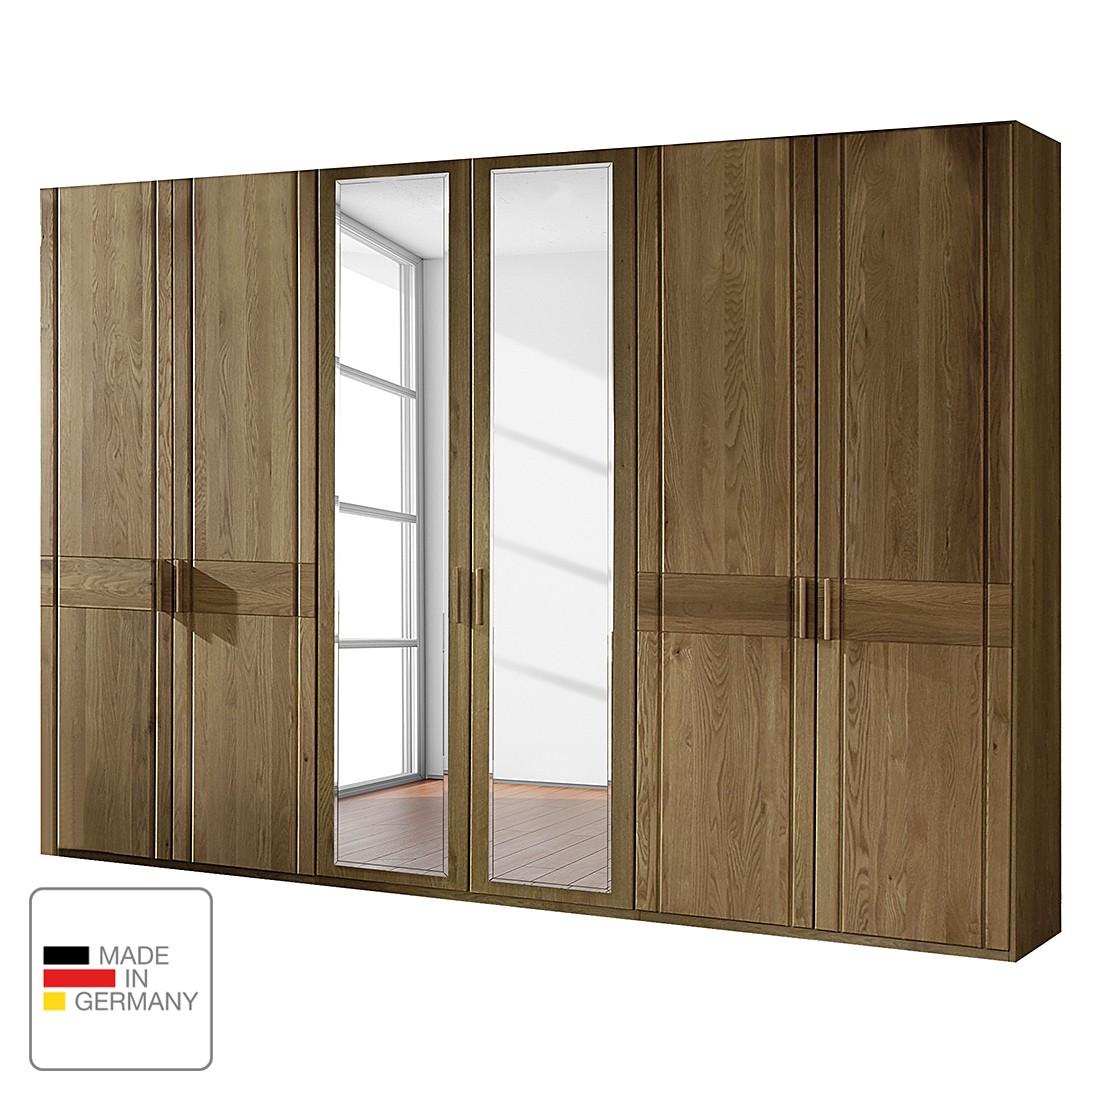 goedkoop Draaideurkast Münster deels massief eikenhout Zonder verlichting 250cm 5 deurs 3 spiegeldeuren Zonder kroonlijst Wiemann